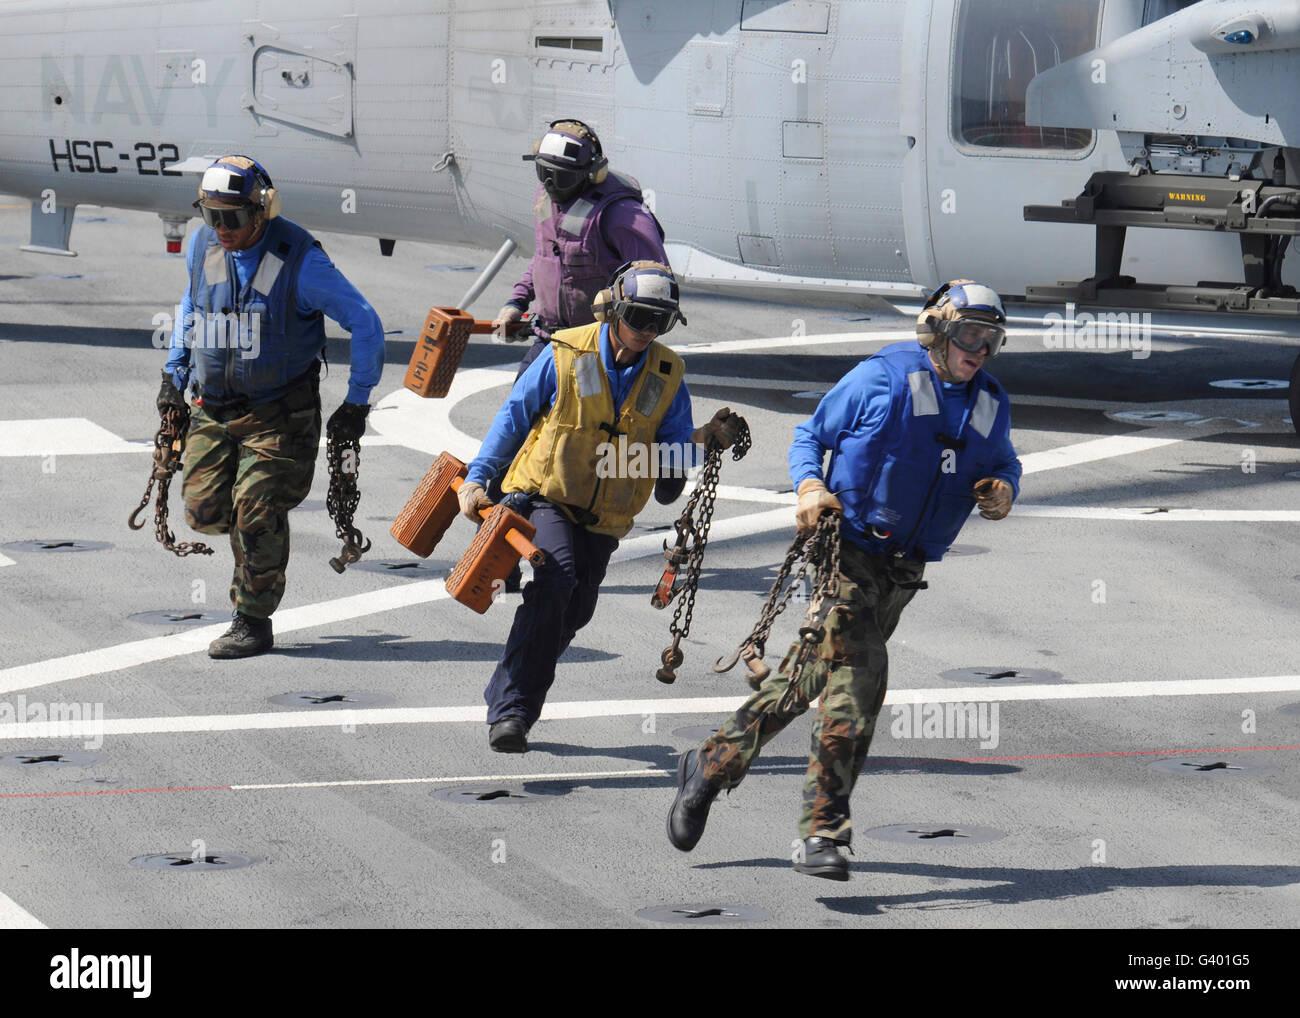 Retirar los calzos de marineros y cadenas de un MH-60 Sea Hawk helicóptero. Imagen De Stock